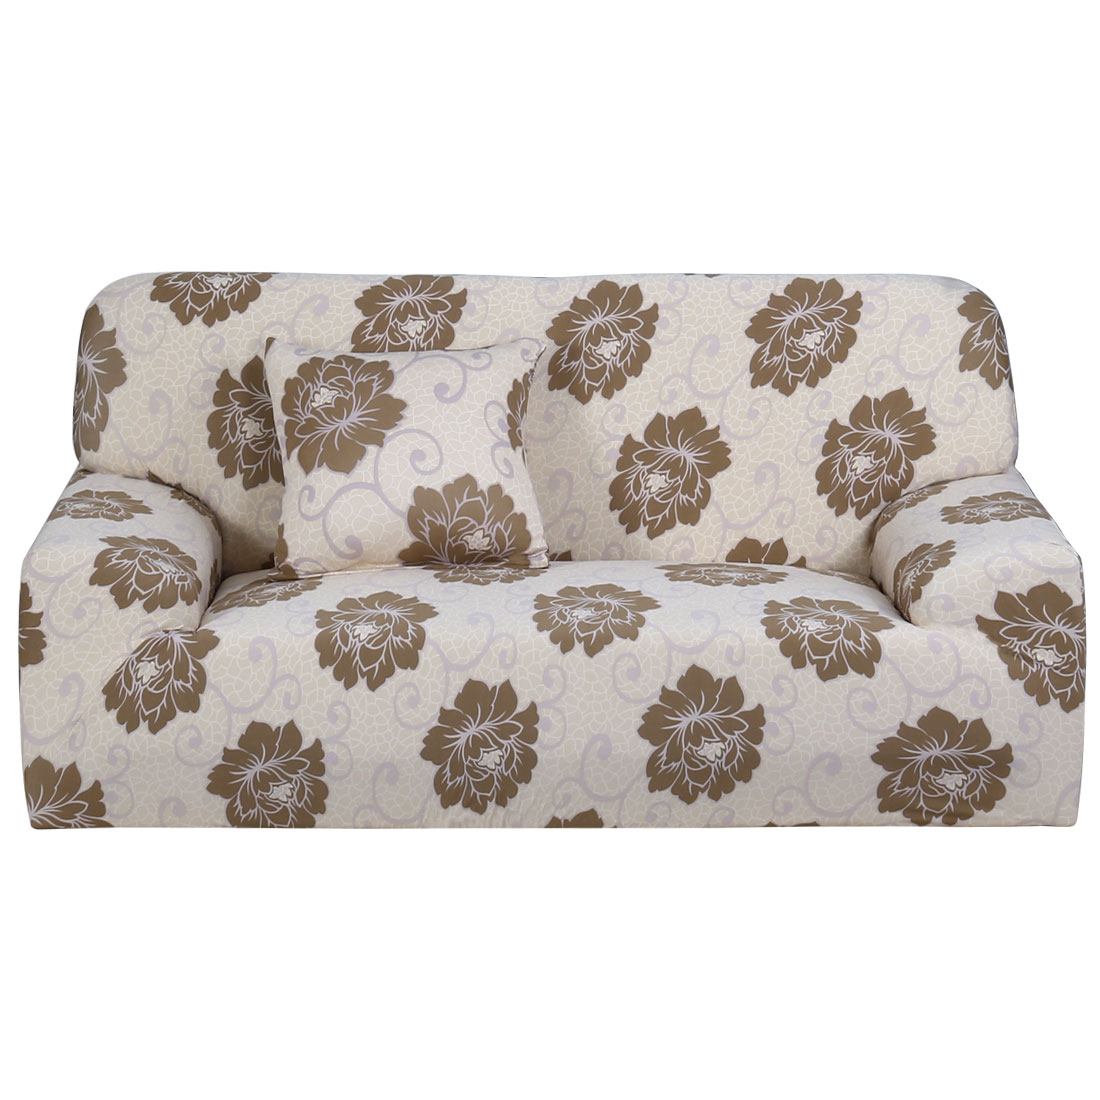 Home Polyester Flower Pattern Elastic Sofa Loveseat Cover Slipcover 55-74 Inch